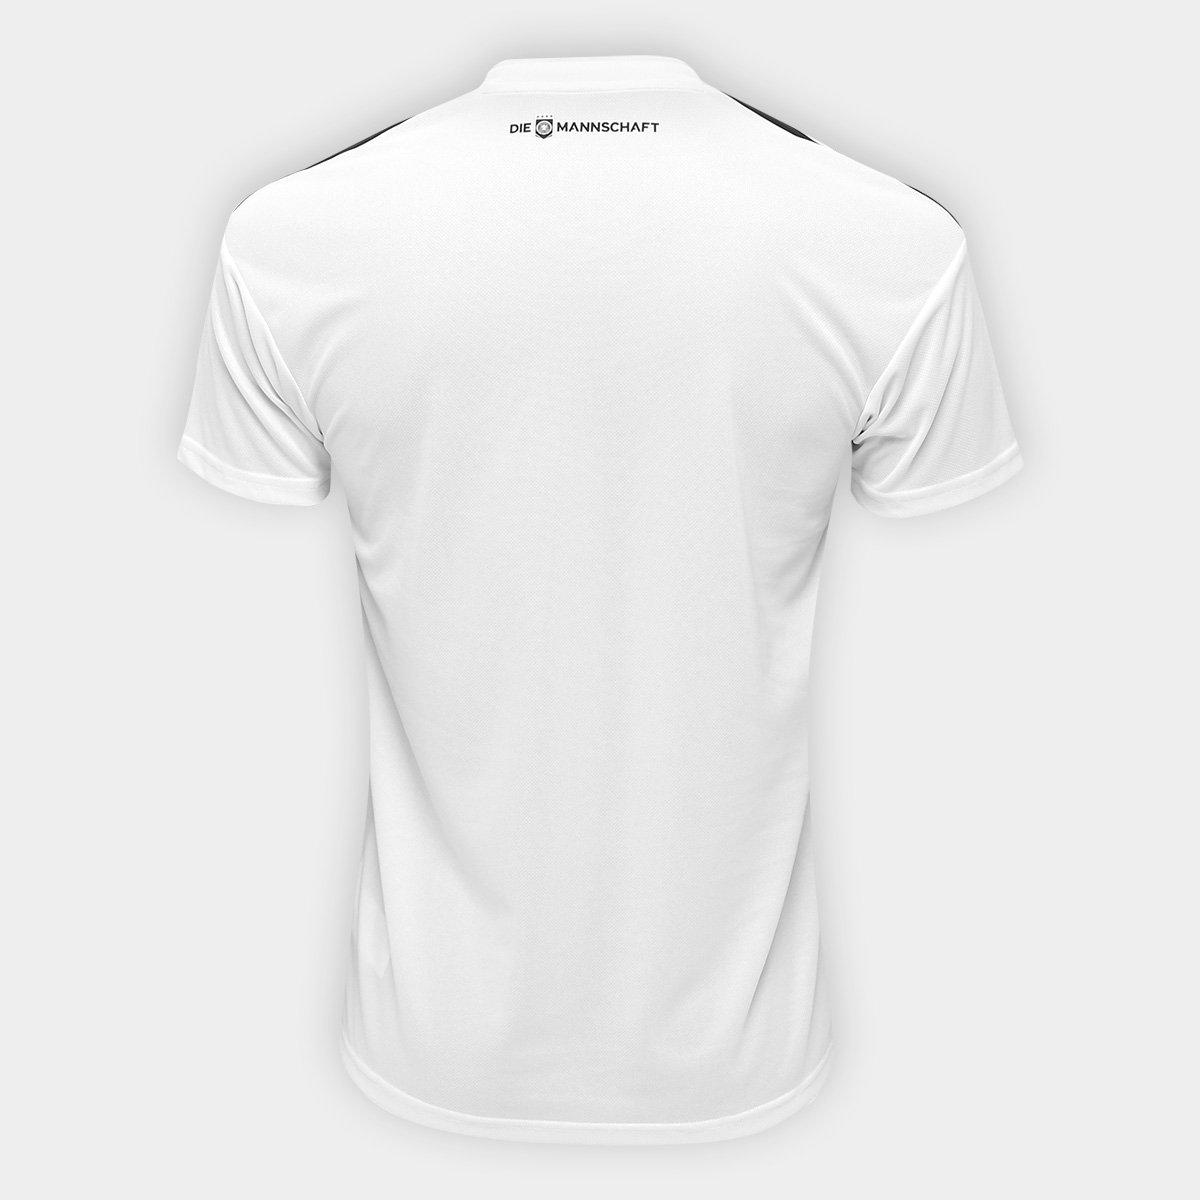 ... Camisa Seleção Alemanha Home 2018 s n° Torcedor Adidas Masculina ... a9cda18f79ce1